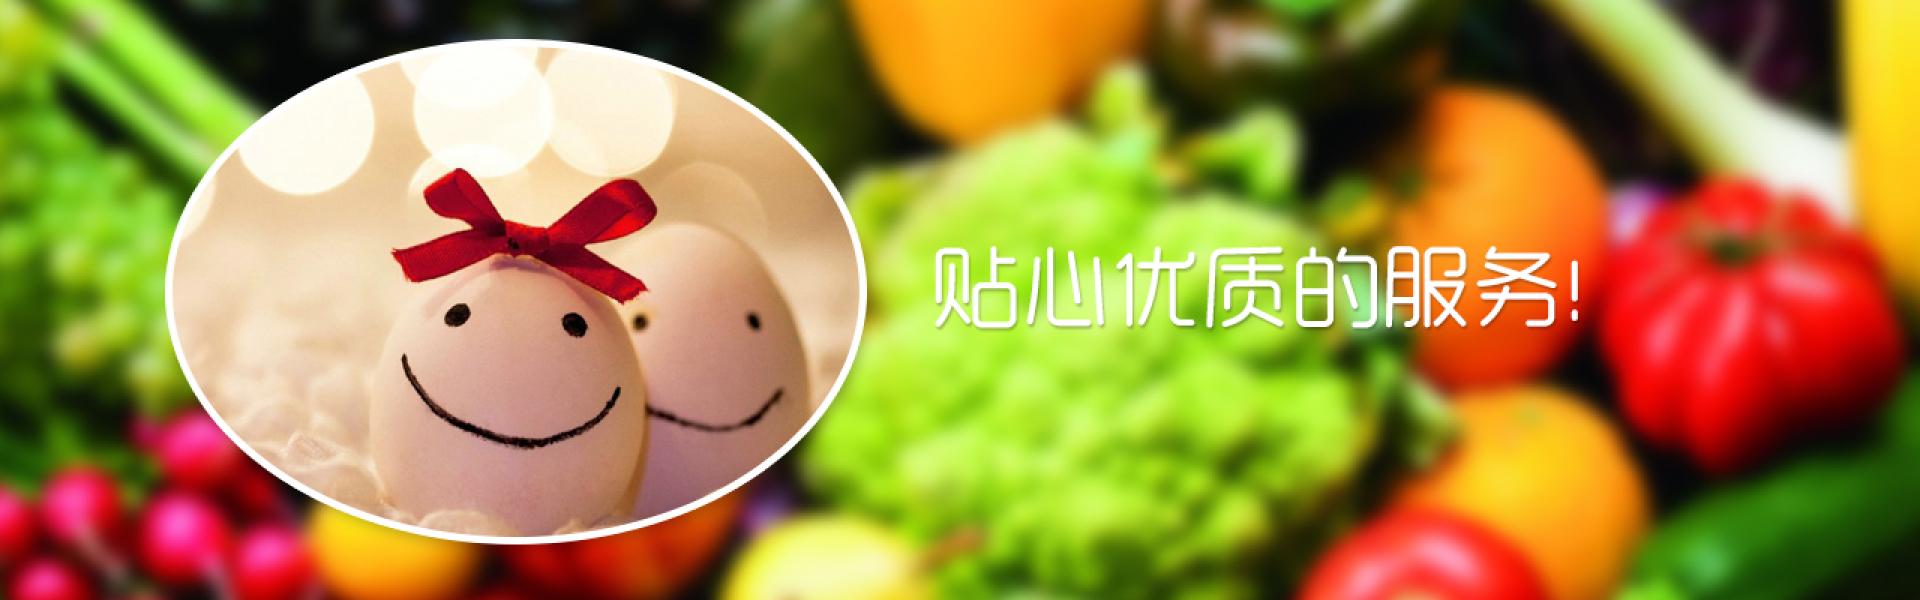 武汉食堂承包专业餐饮管理公司